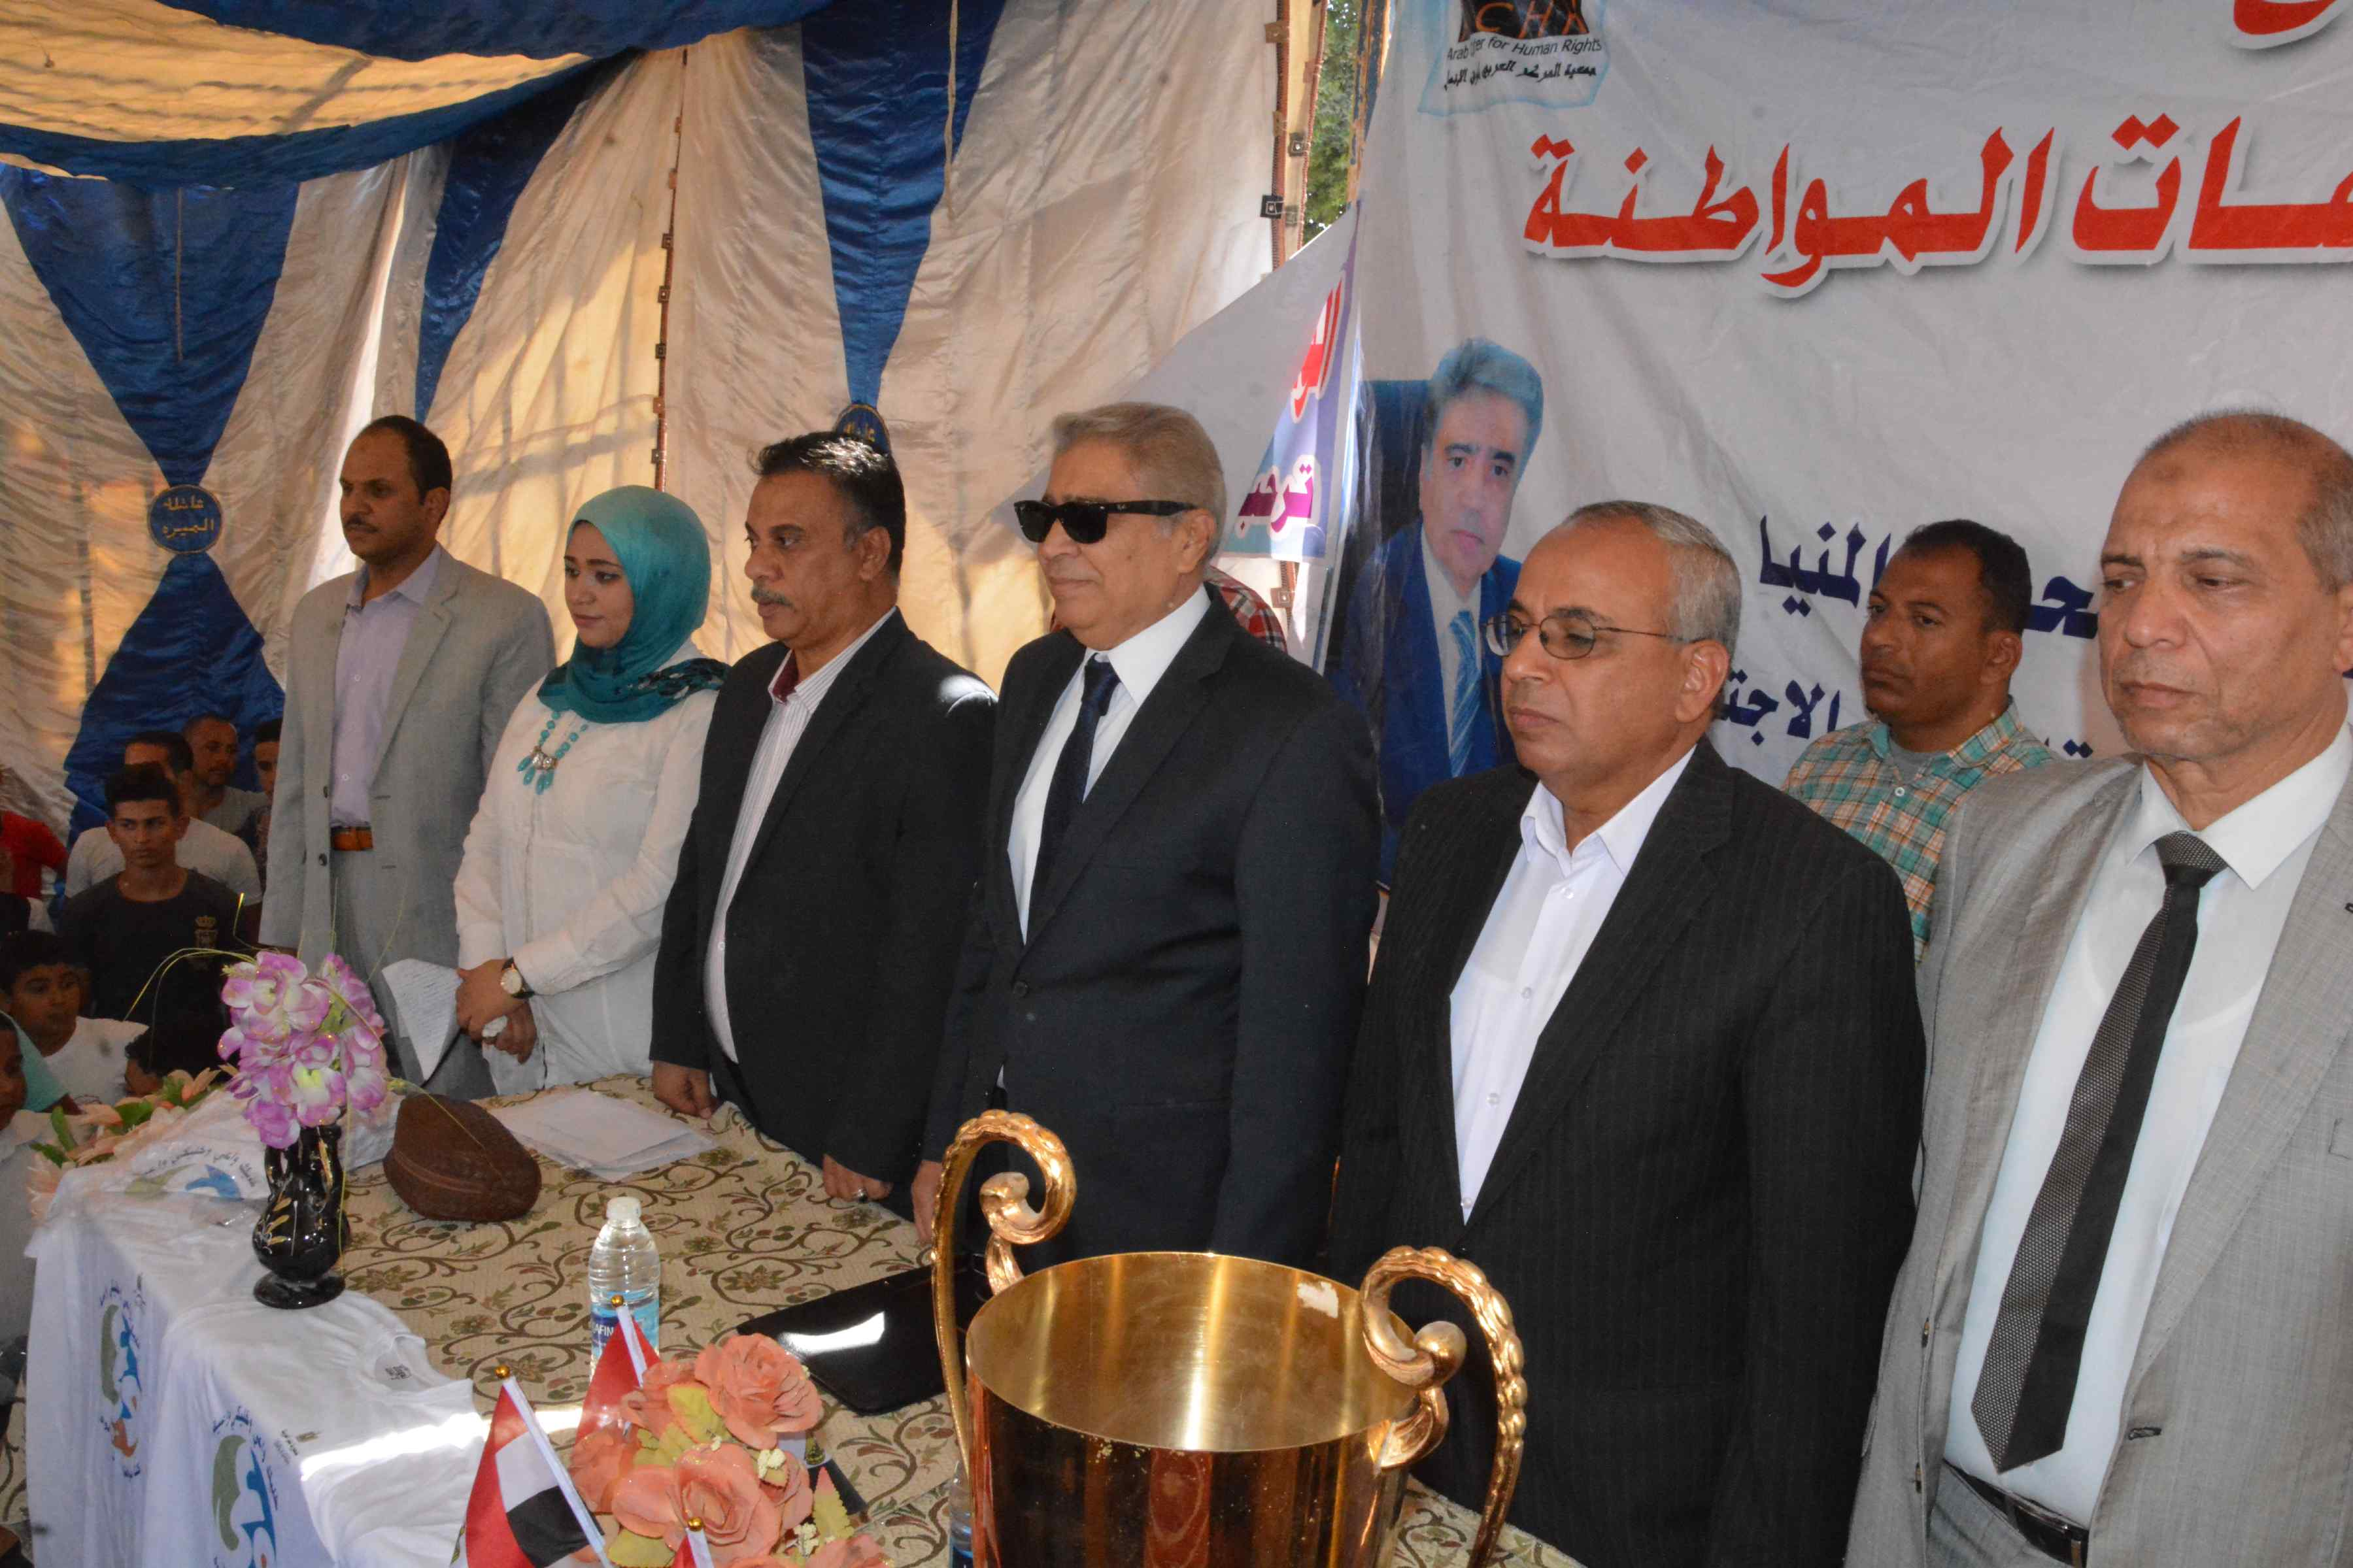 محافظ المنيا يتابع فعاليات برنامج تعزيز المواطنة بدير أبو حنس بملوى (9)